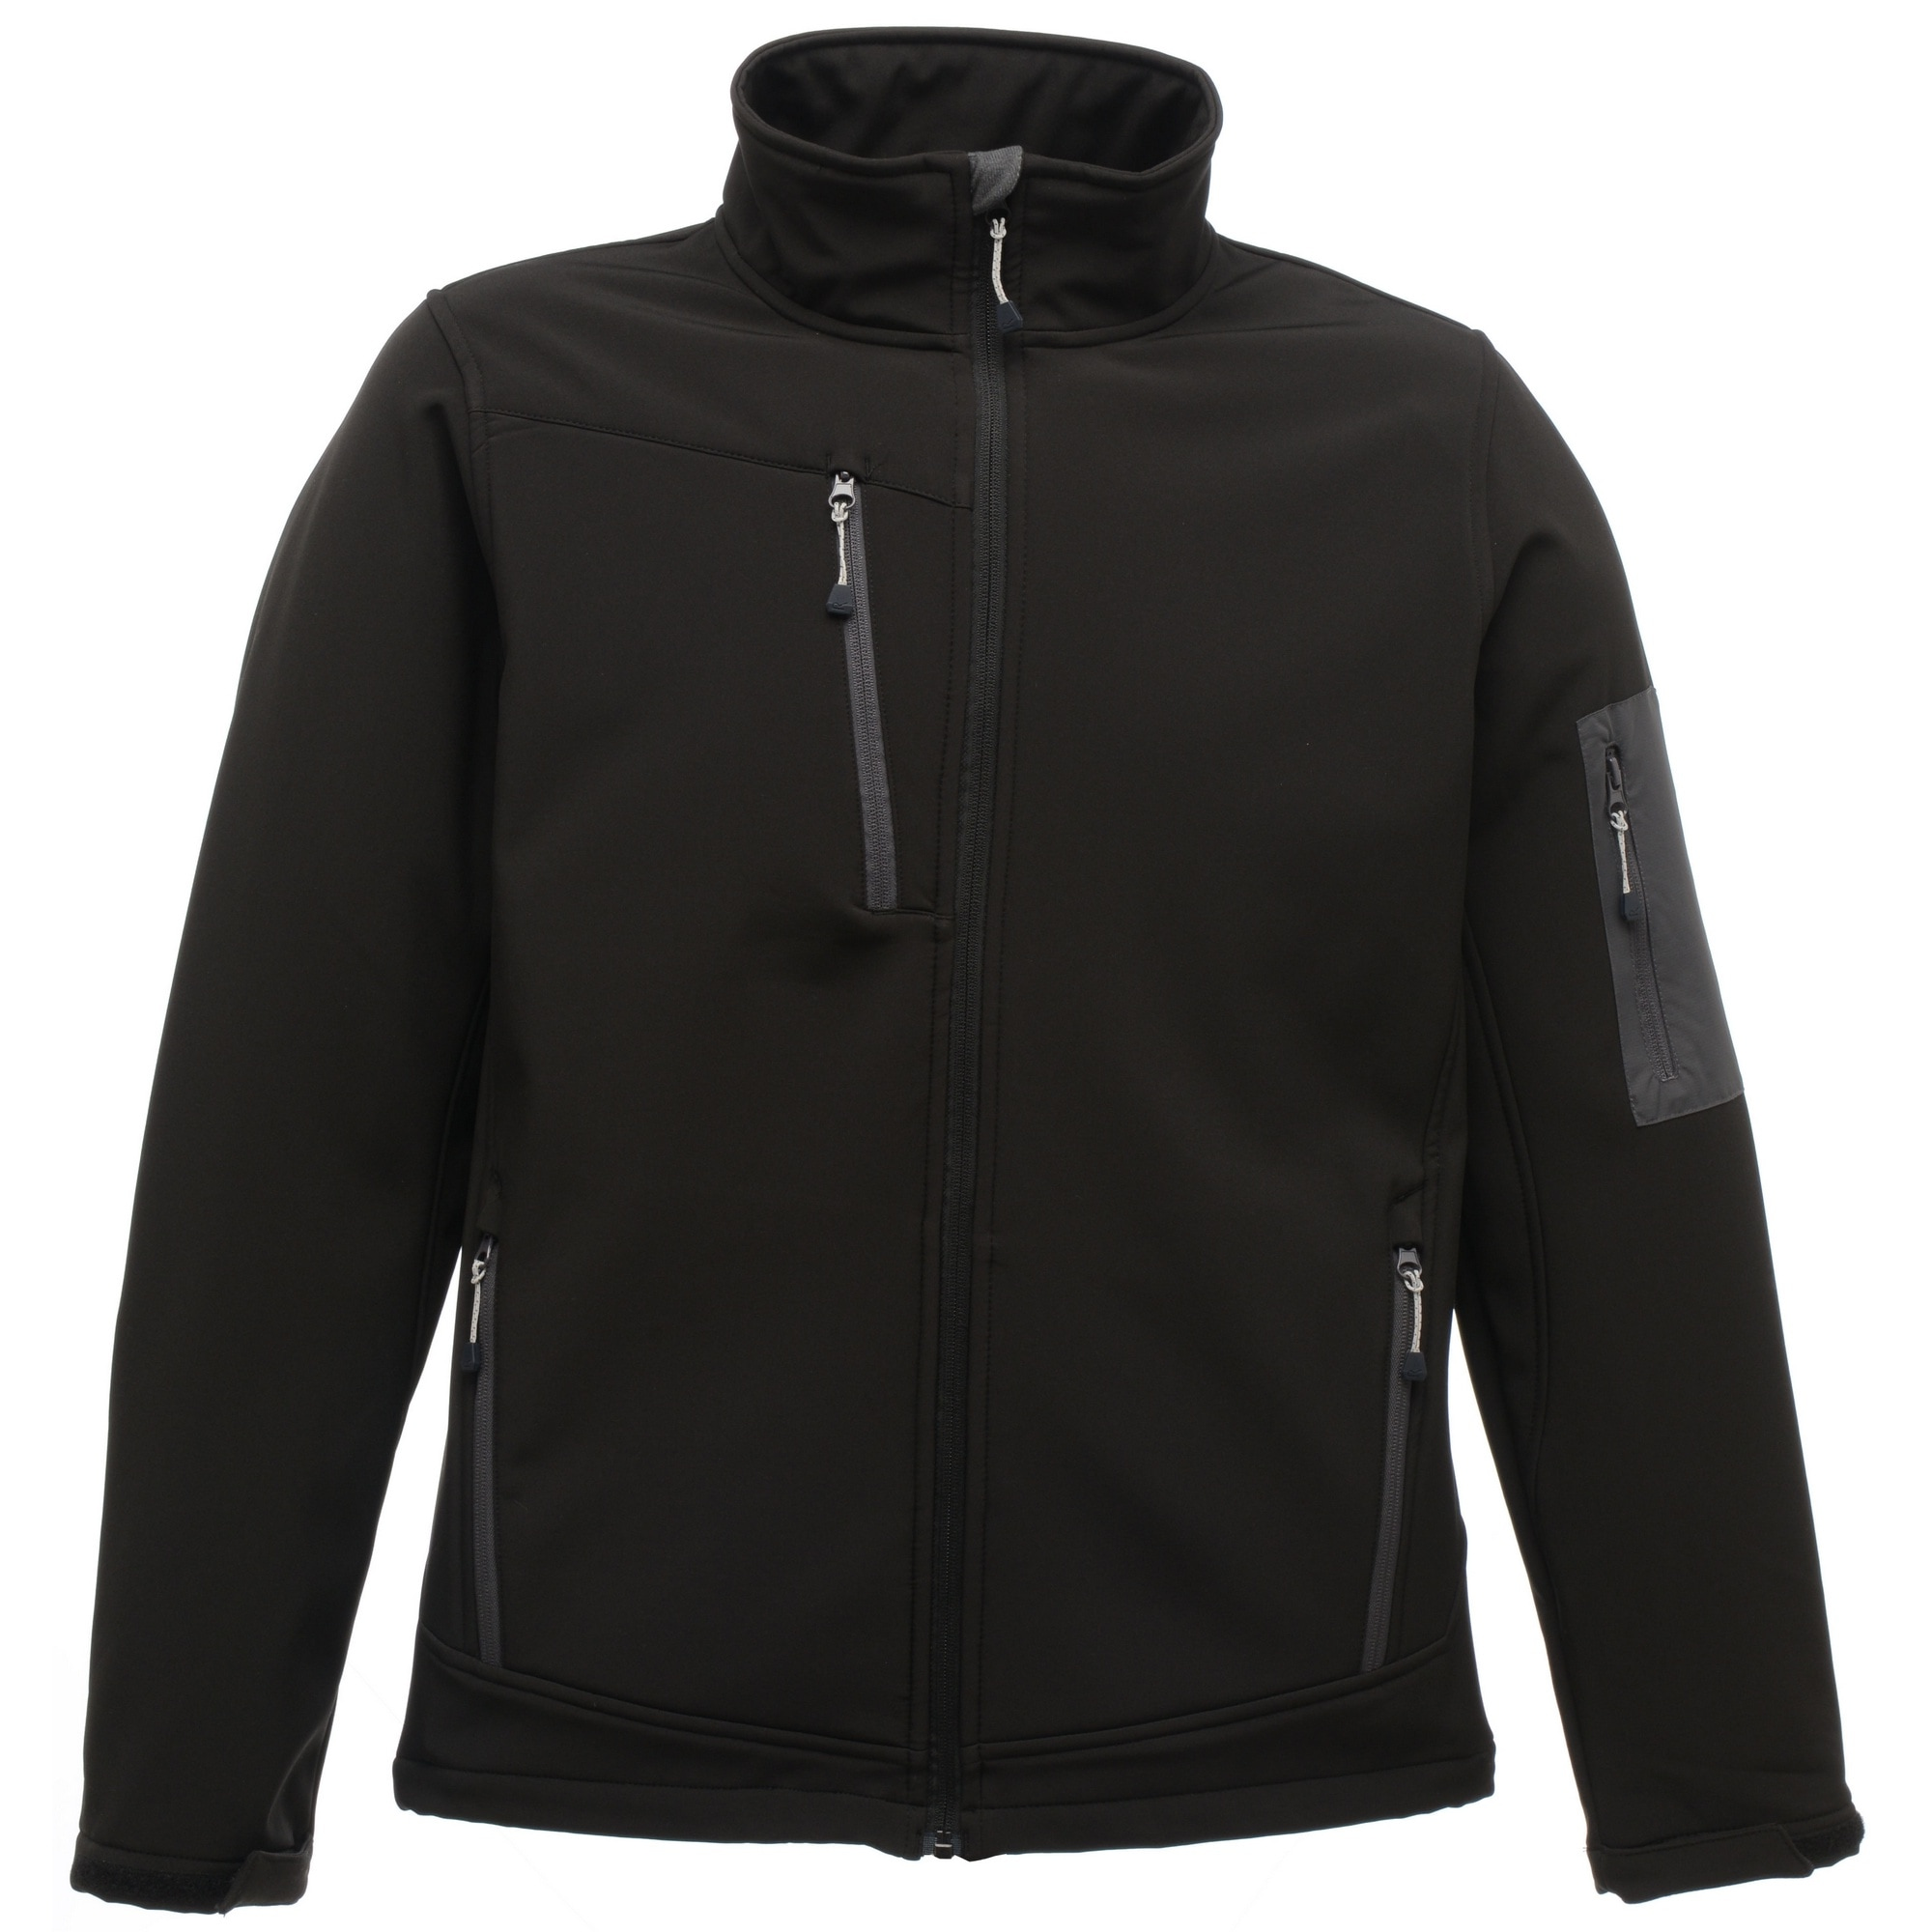 Regatta Softshelljacke Standout Herren Arcola Softshell-Jacke wasserdicht atmungsaktiv | Sportbekleidung > Sportjacken > Softshelljacken | Schwarz | Regatta